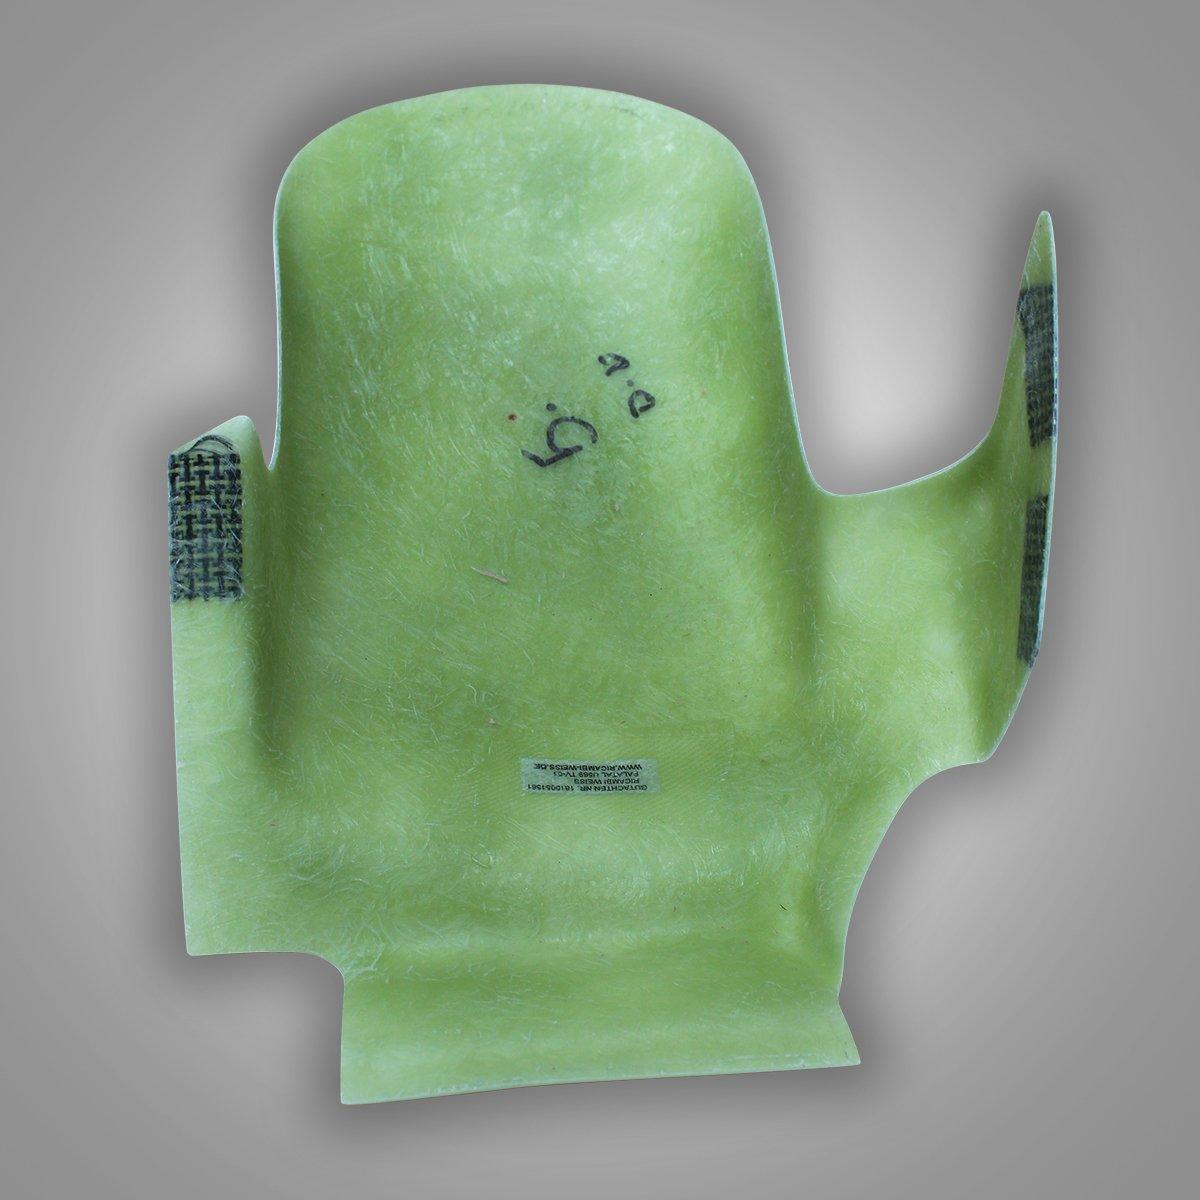 LR25 RicambiWeiss YAMAHA YZF 1000 R THUNDERACE Hinterradabdeckung Schutzblech Fender Hinten